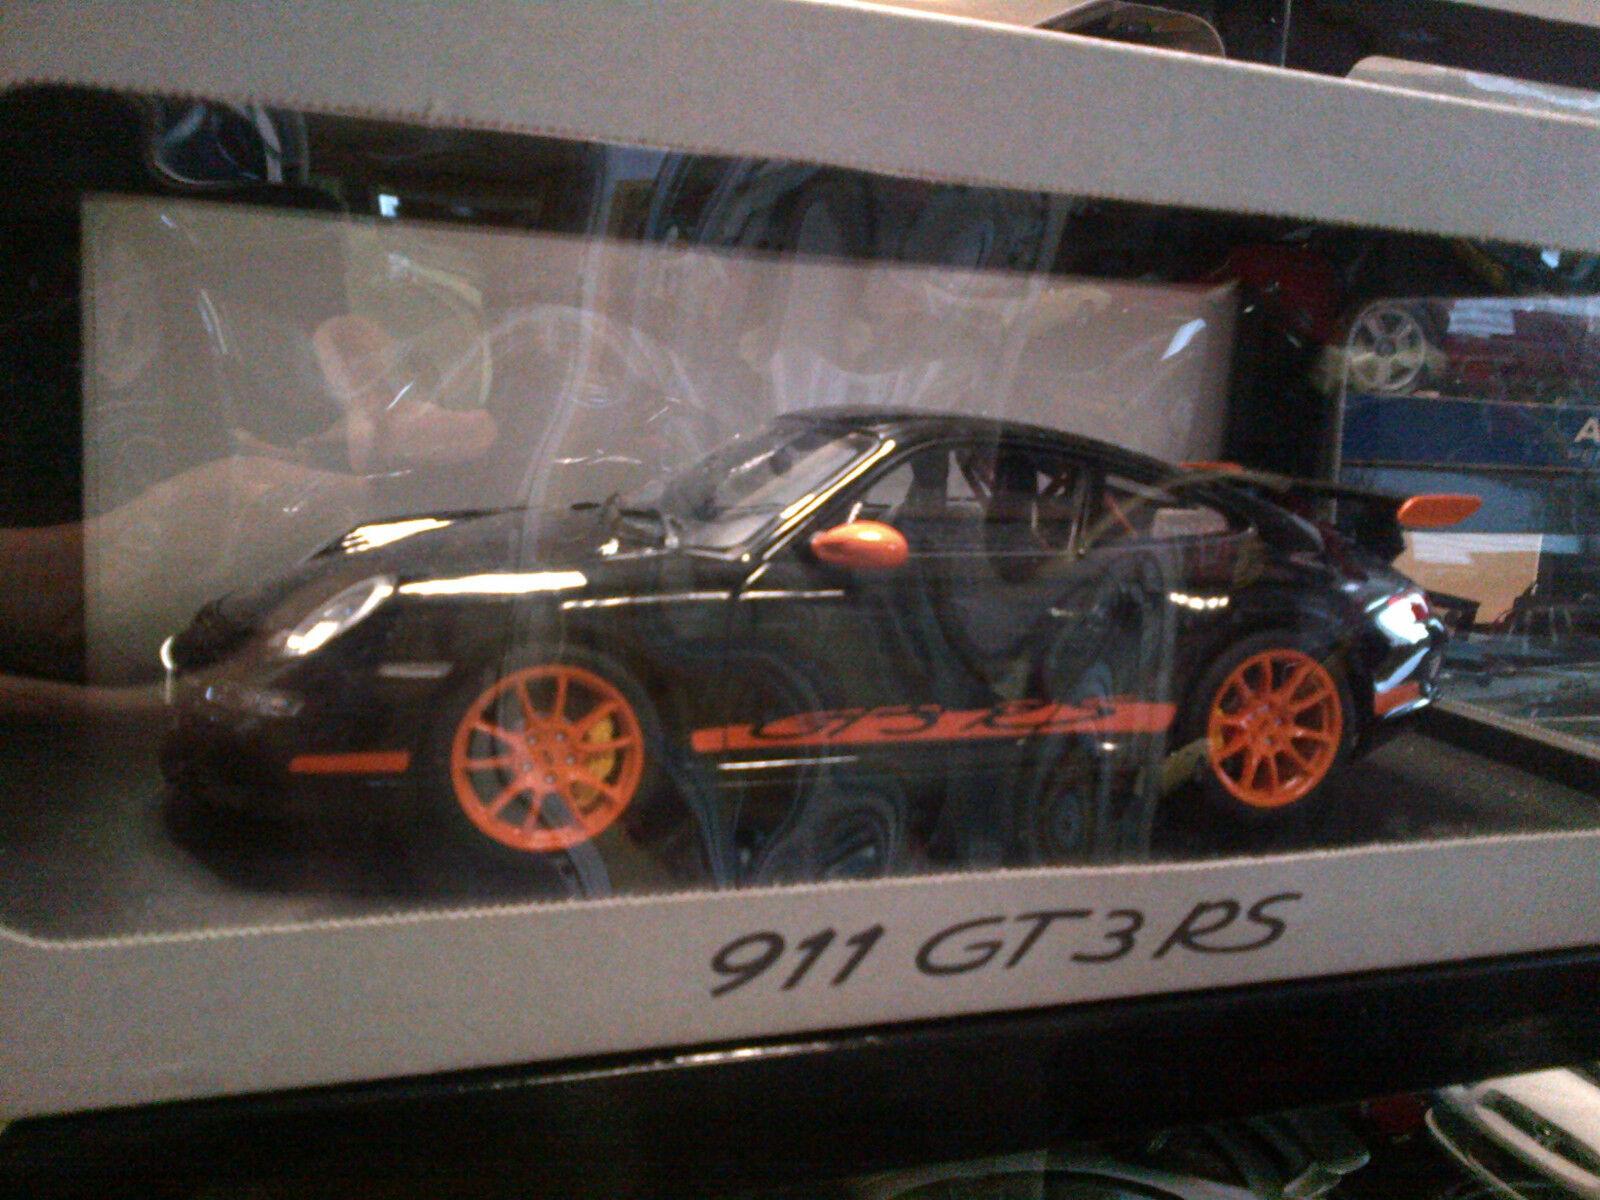 Porsche   GT3 RS Coupe Negro Autoart 1:18 muy rara edición de distribuidor